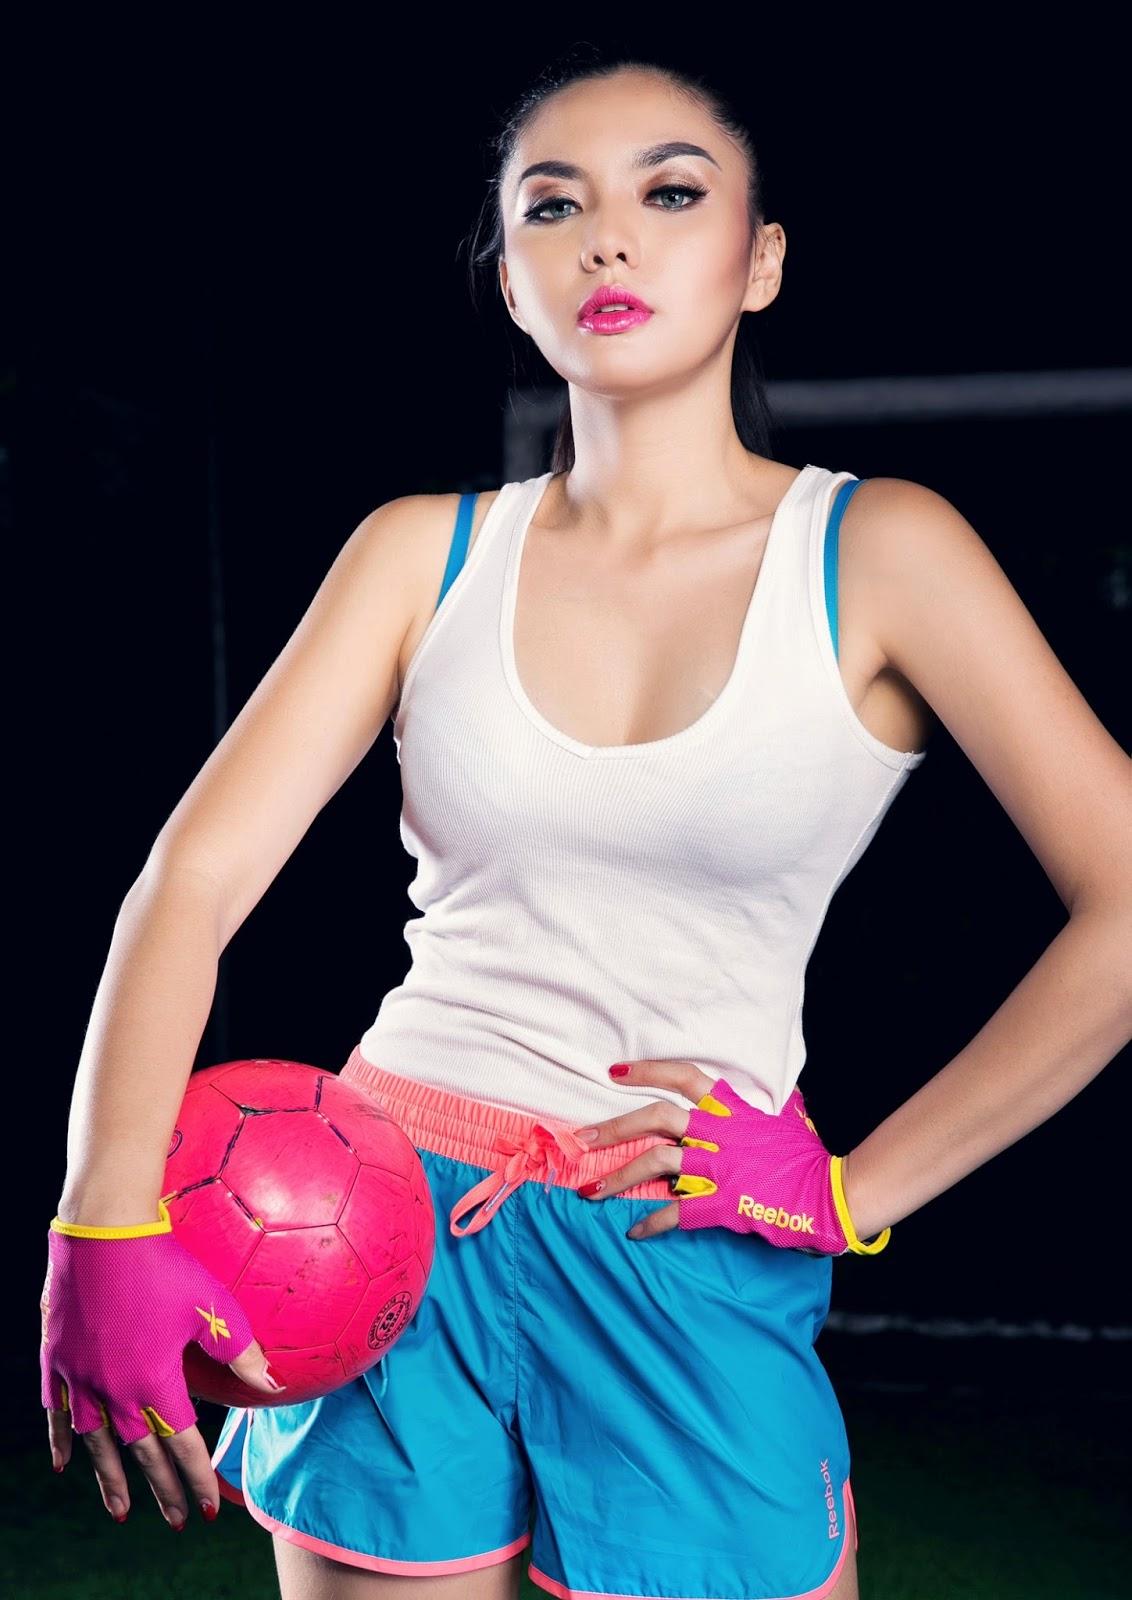 Vicky shu hot foto 30